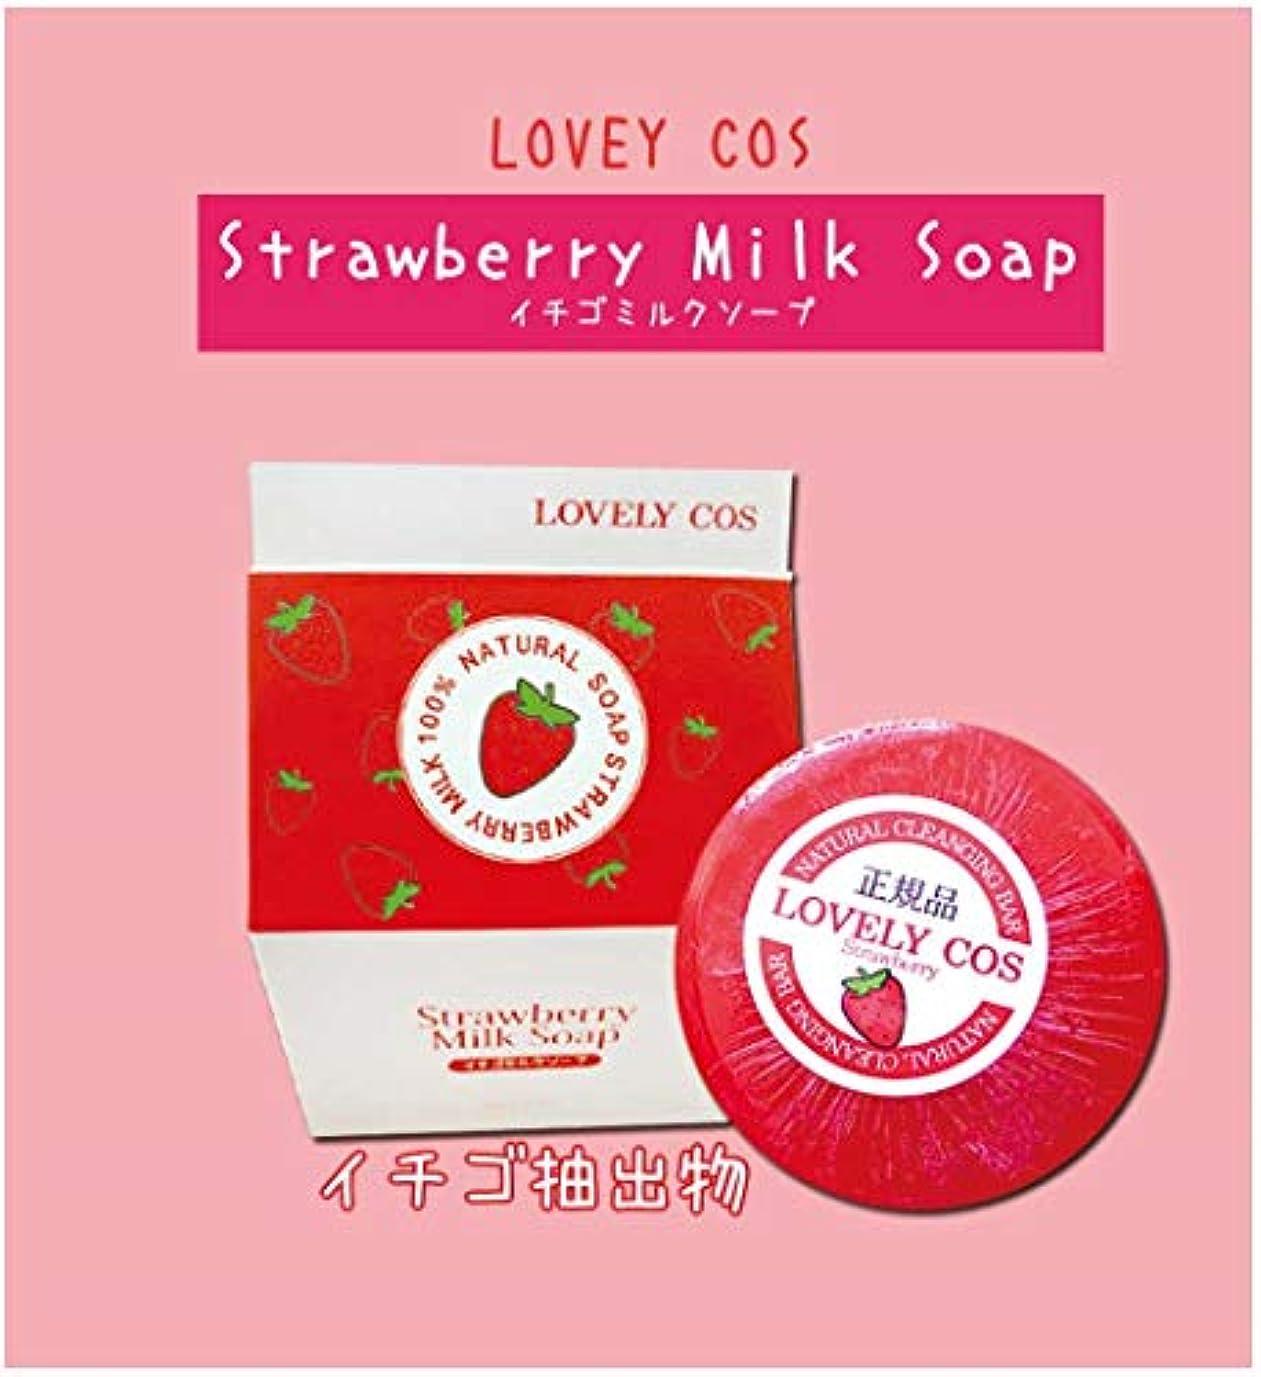 呼びかけるのぞき見些細Dermal ダーマル LOVELY COS ラブリーコス Strawberry Milk Soap ストロベリーミルクソープ イチゴミルクソープ